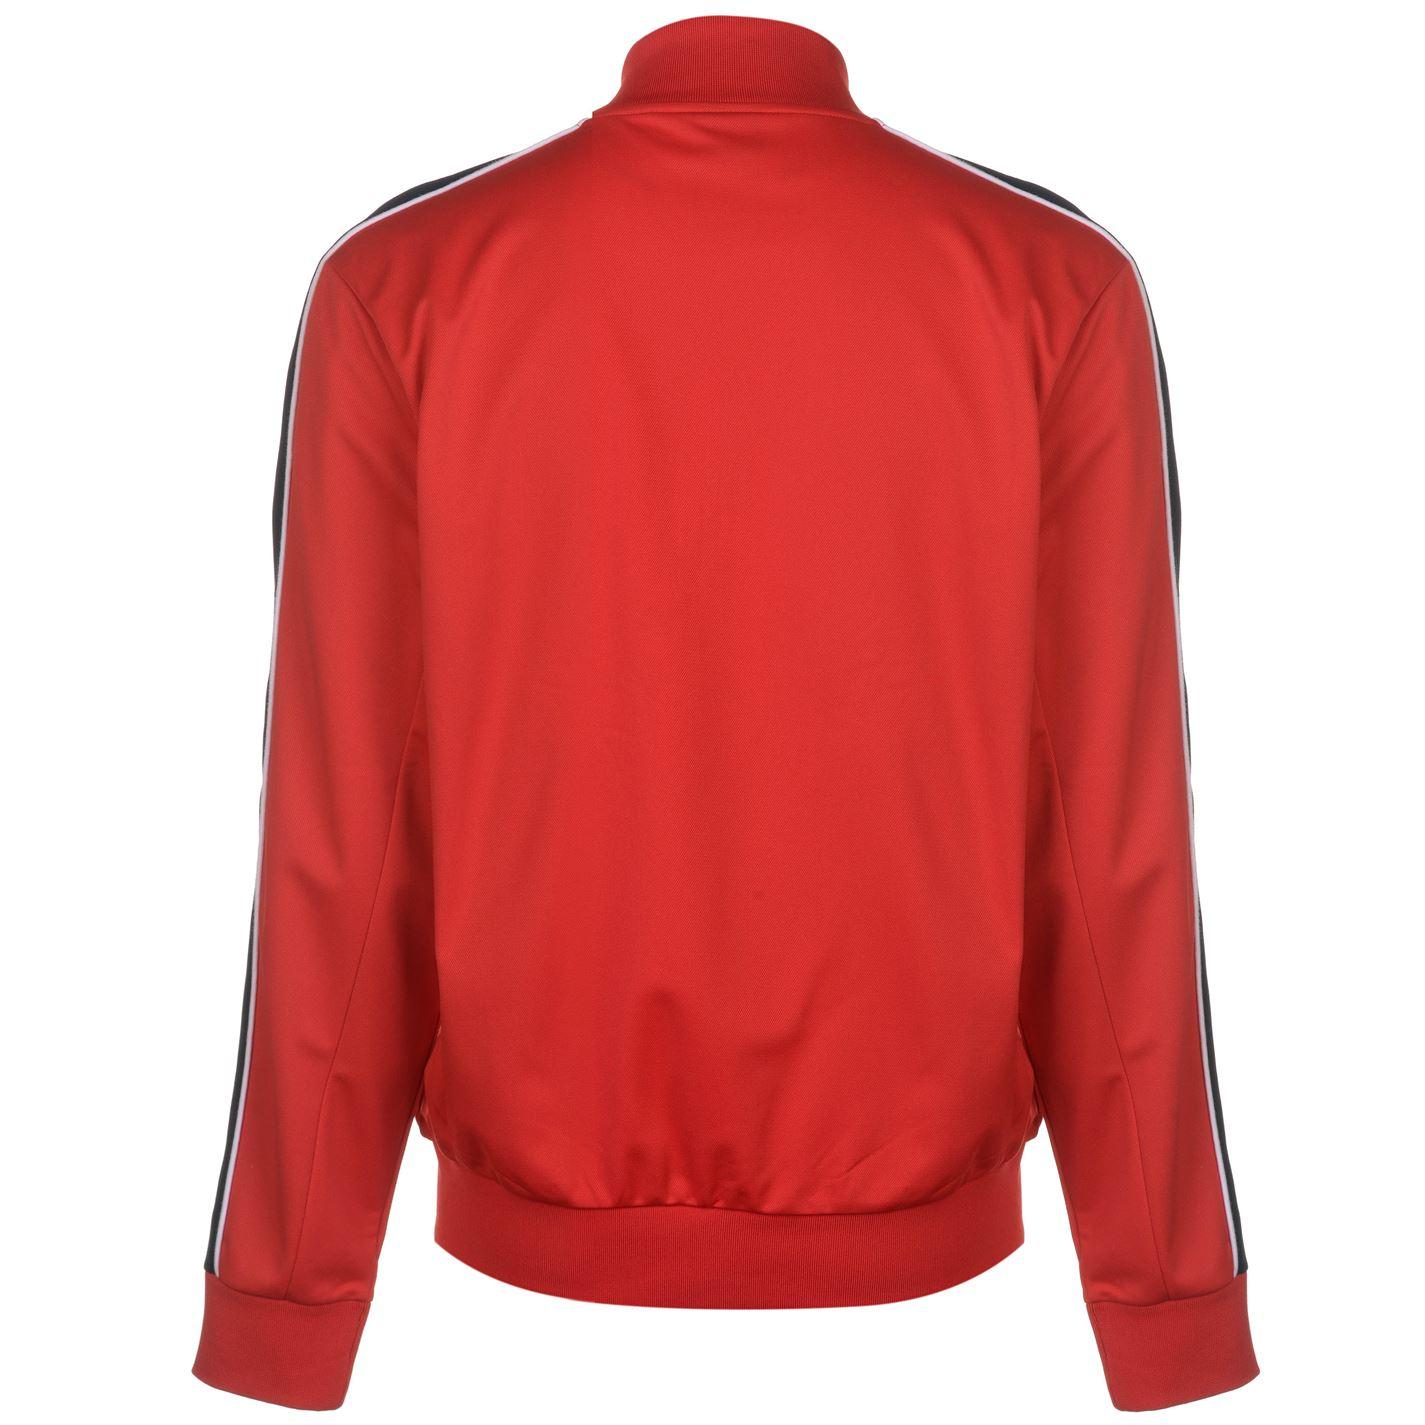 Kappa Tri Colour Jacket Mens Gents Tracksuit Top Coat Full Length ... 304da7a9b3fd6